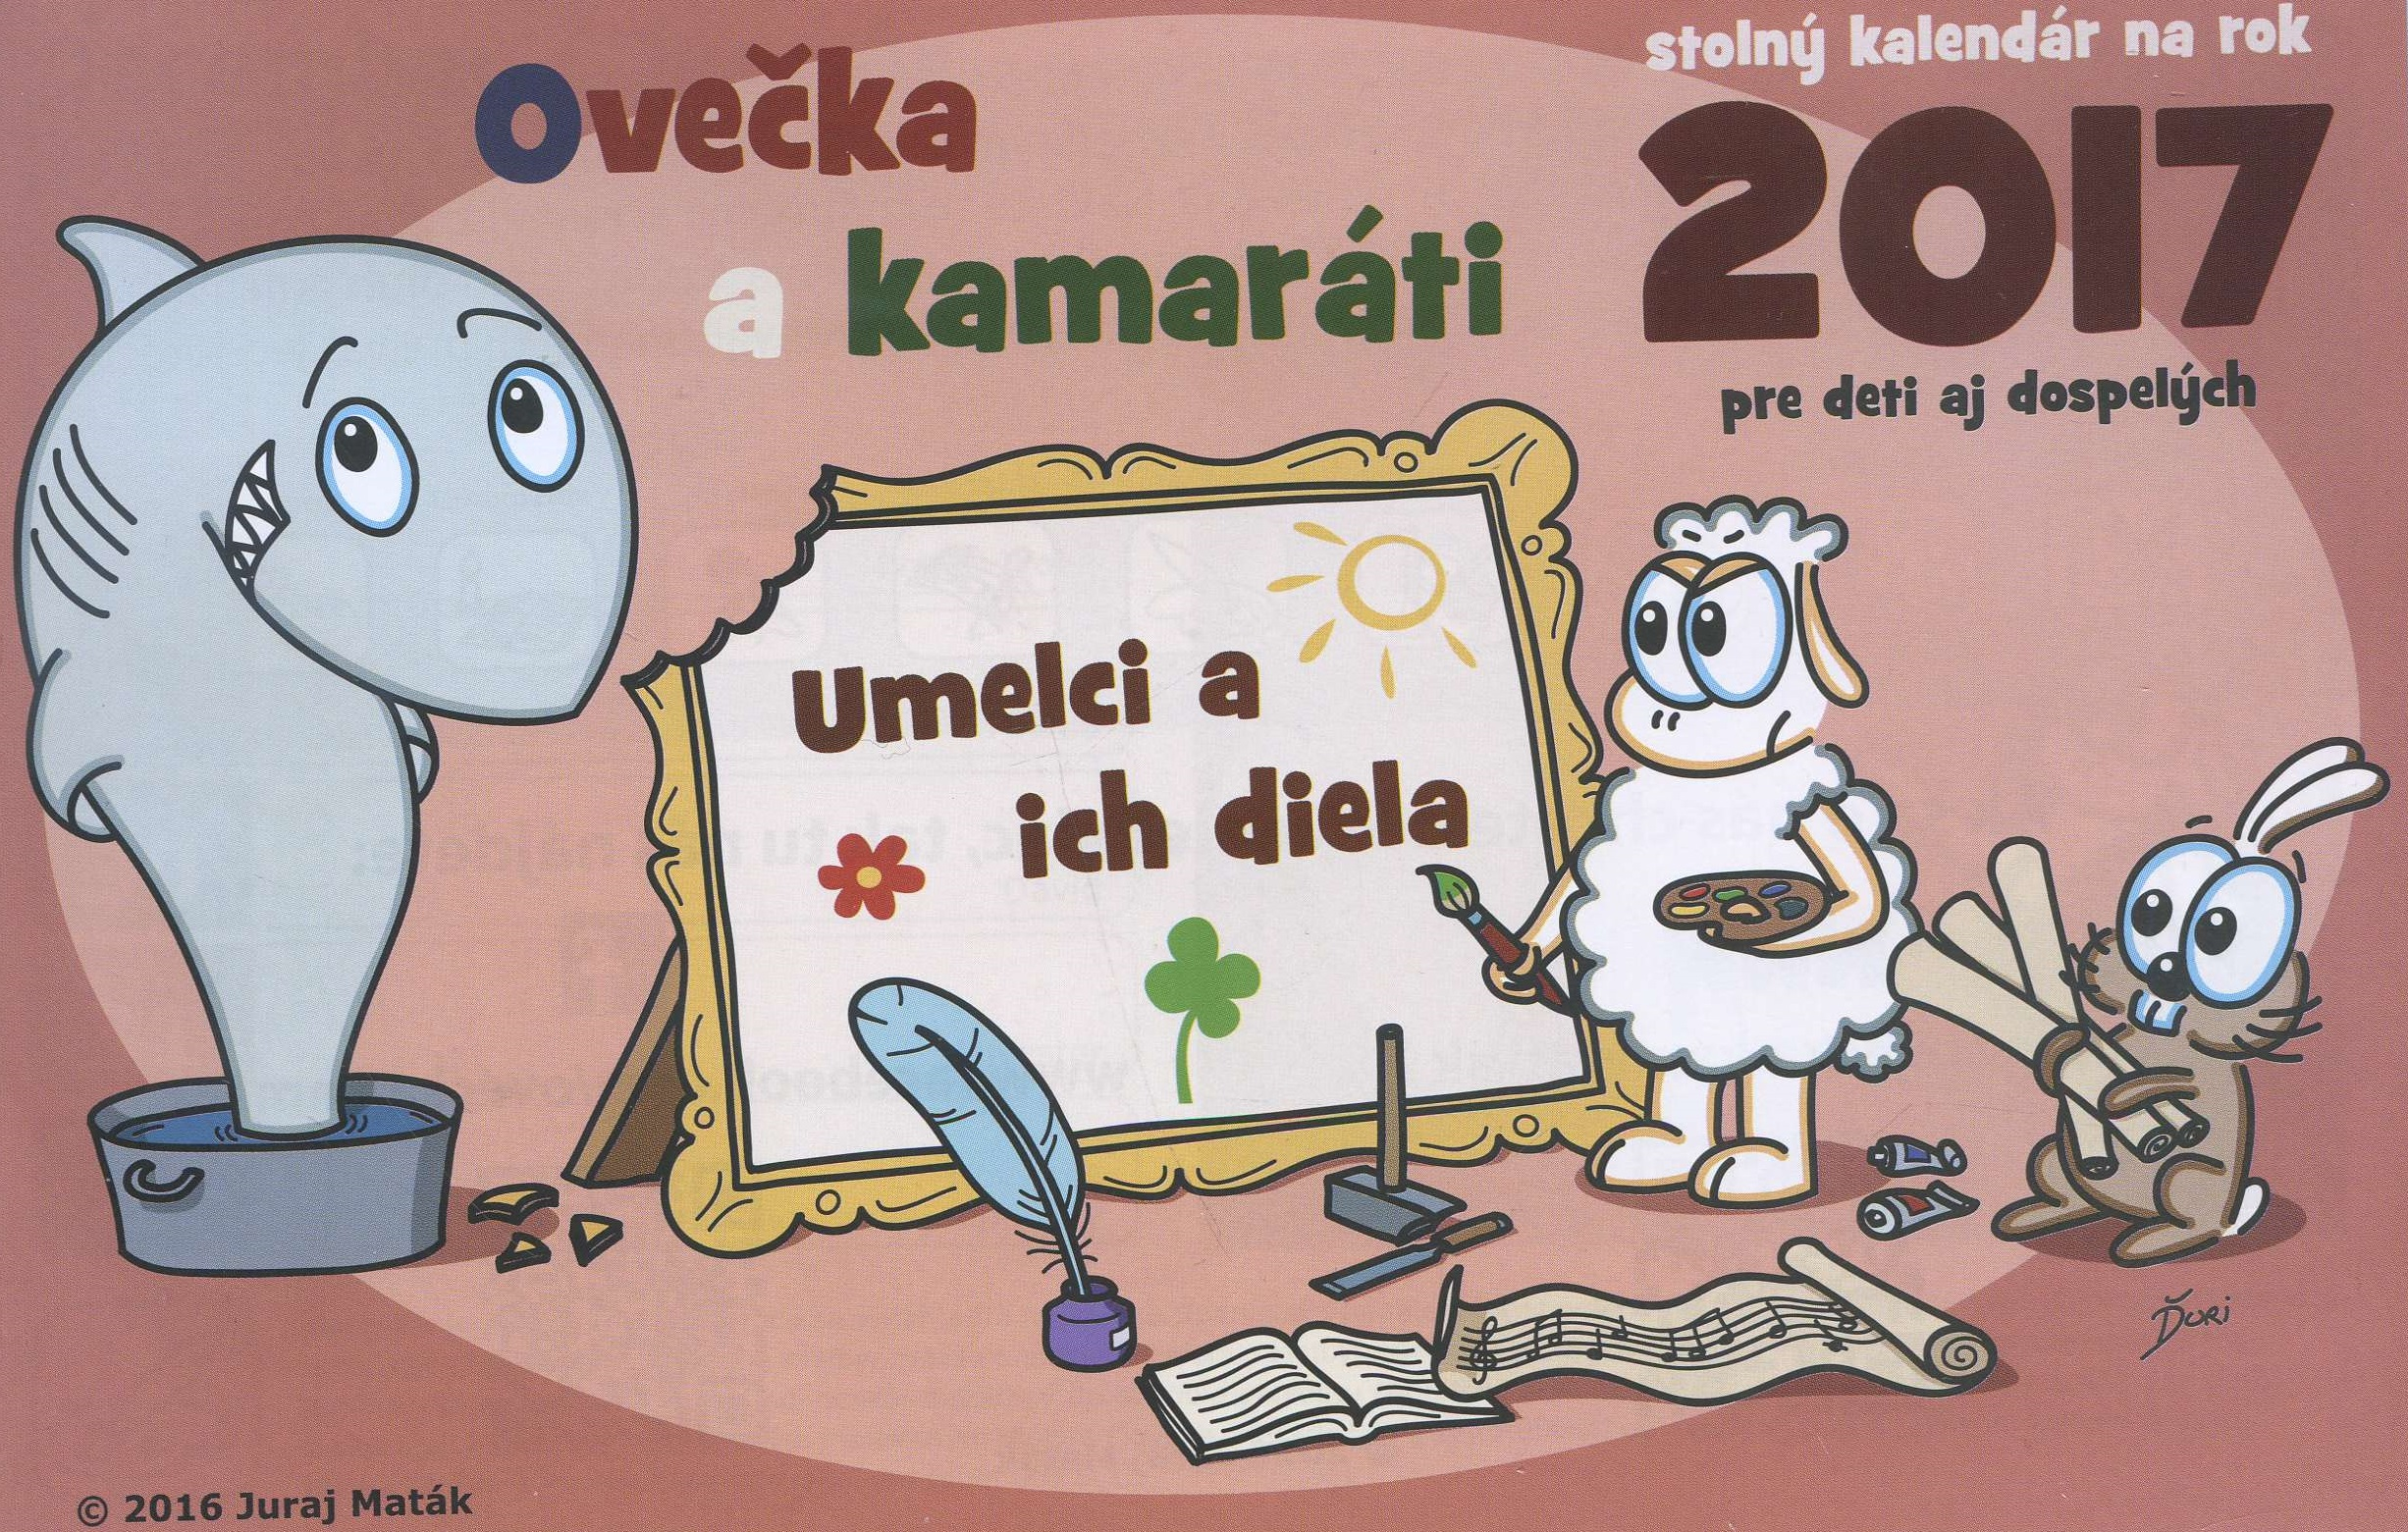 Ovečka a kamaráti 2017 ( Umelci a ich diela ) - Stolný kalendár na rok 2017 pre deti aj dospelých